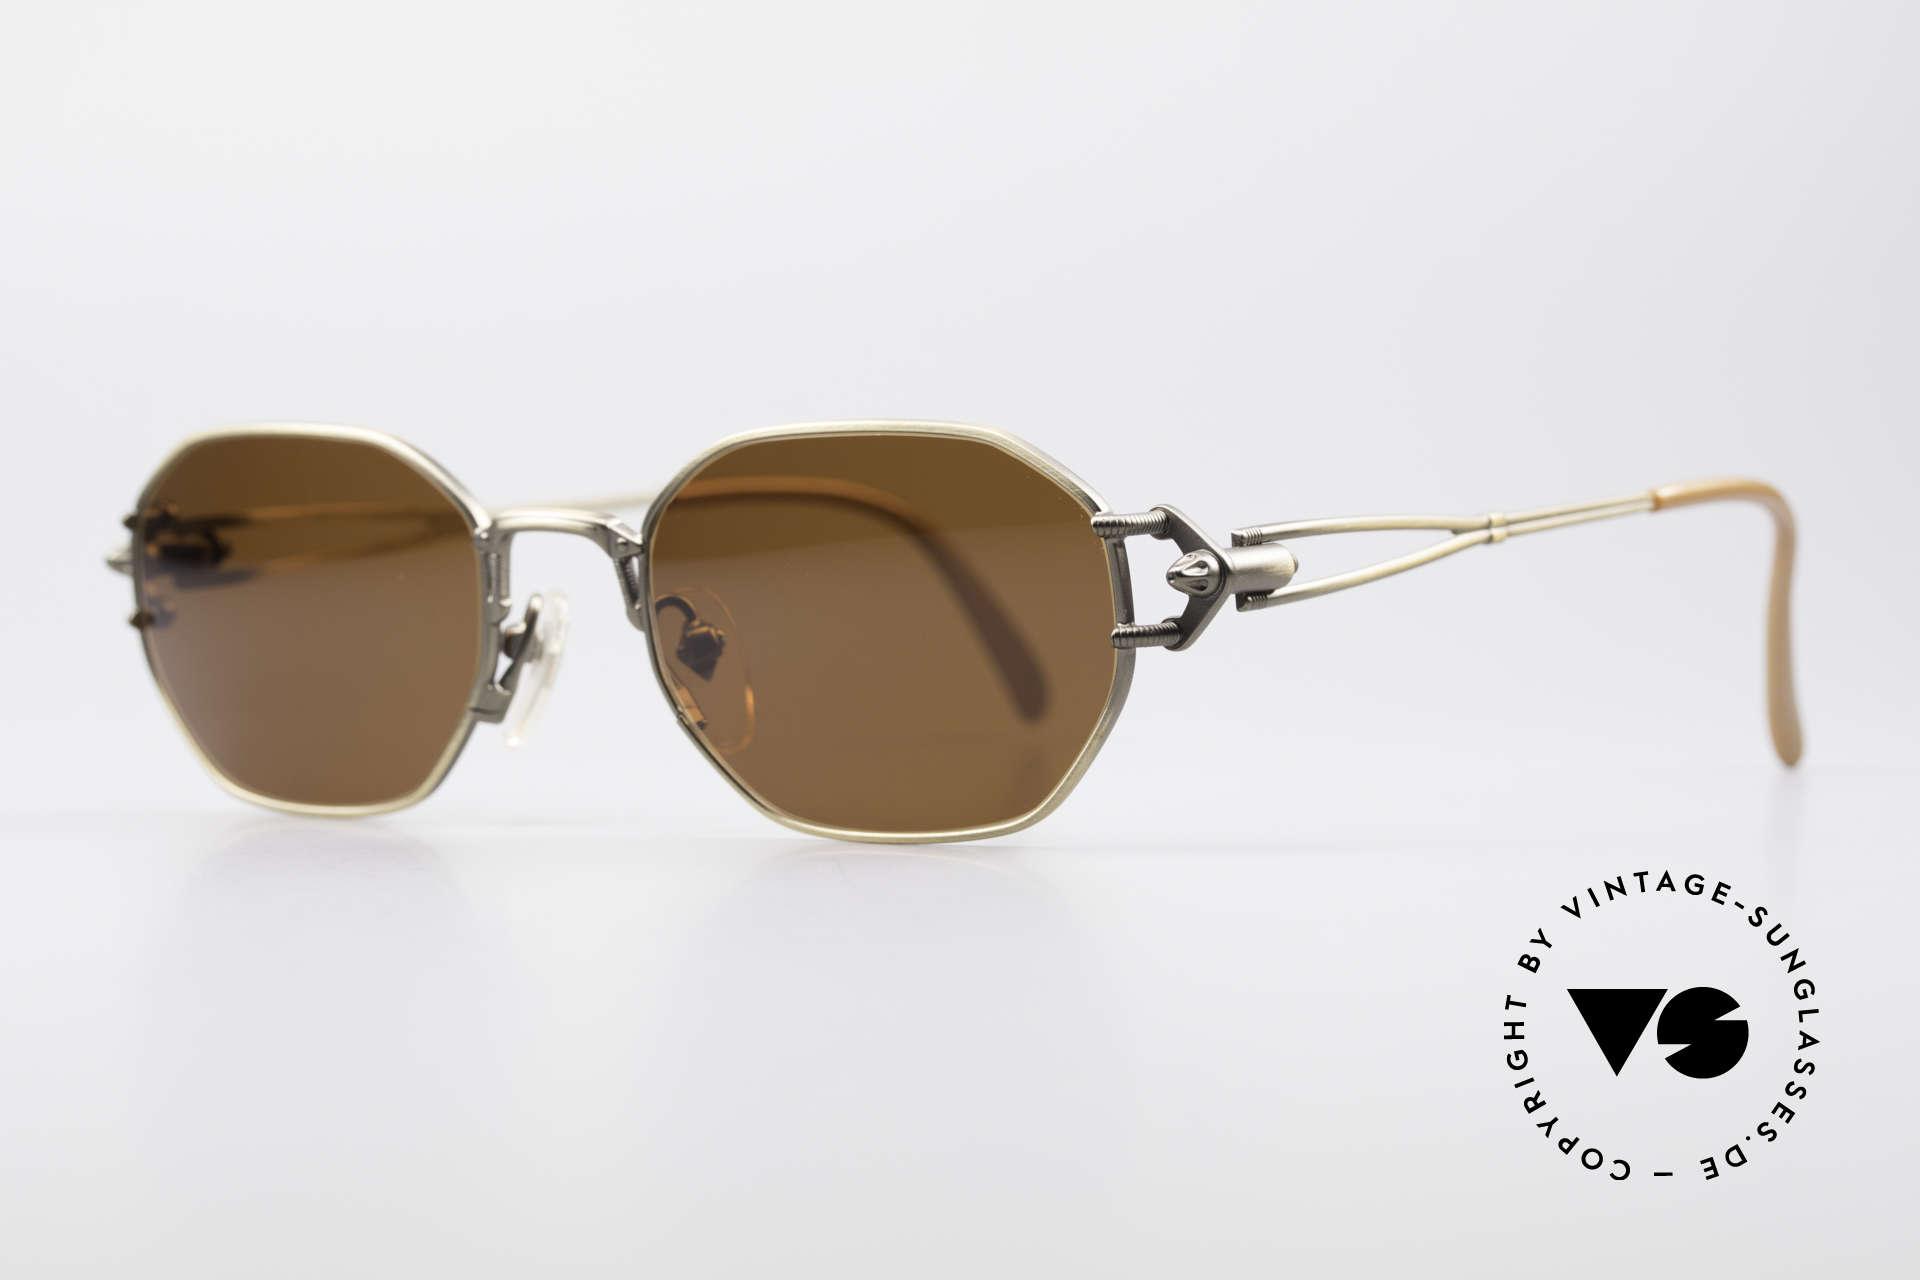 Jean Paul Gaultier 55-6106 90er Designer Sonnenbrille, technische / mechanische Komponenten (typisch J.P.G), Passend für Herren und Damen